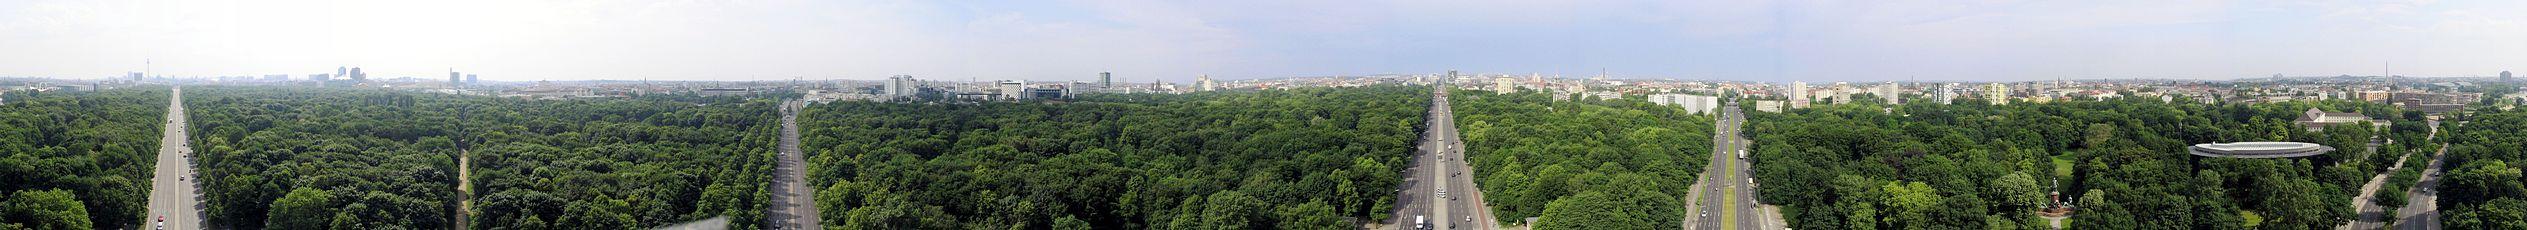 一幅三百六十度全景照片,拍攝地點在柏林蒂爾加滕公園中的勝利紀念柱上,俯瞰整個蒂爾加滕公園。主體綠色,從左到右共有五段街道。